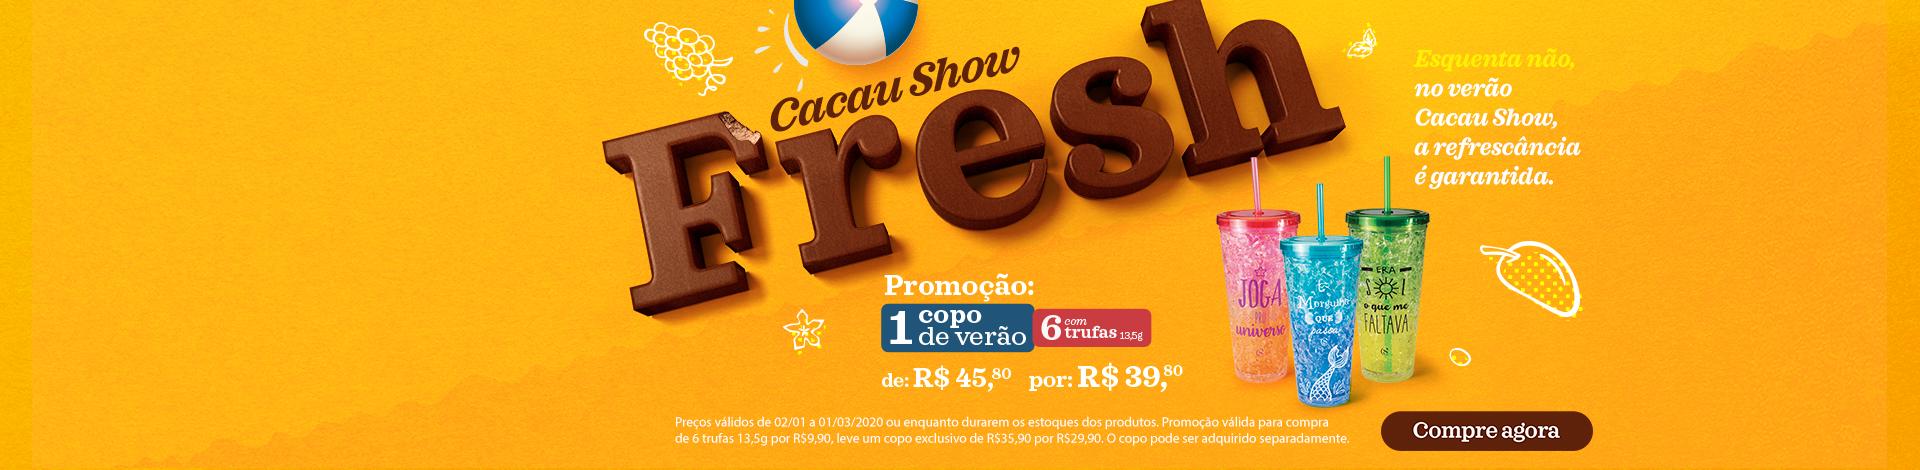 VERÃO_COPOS